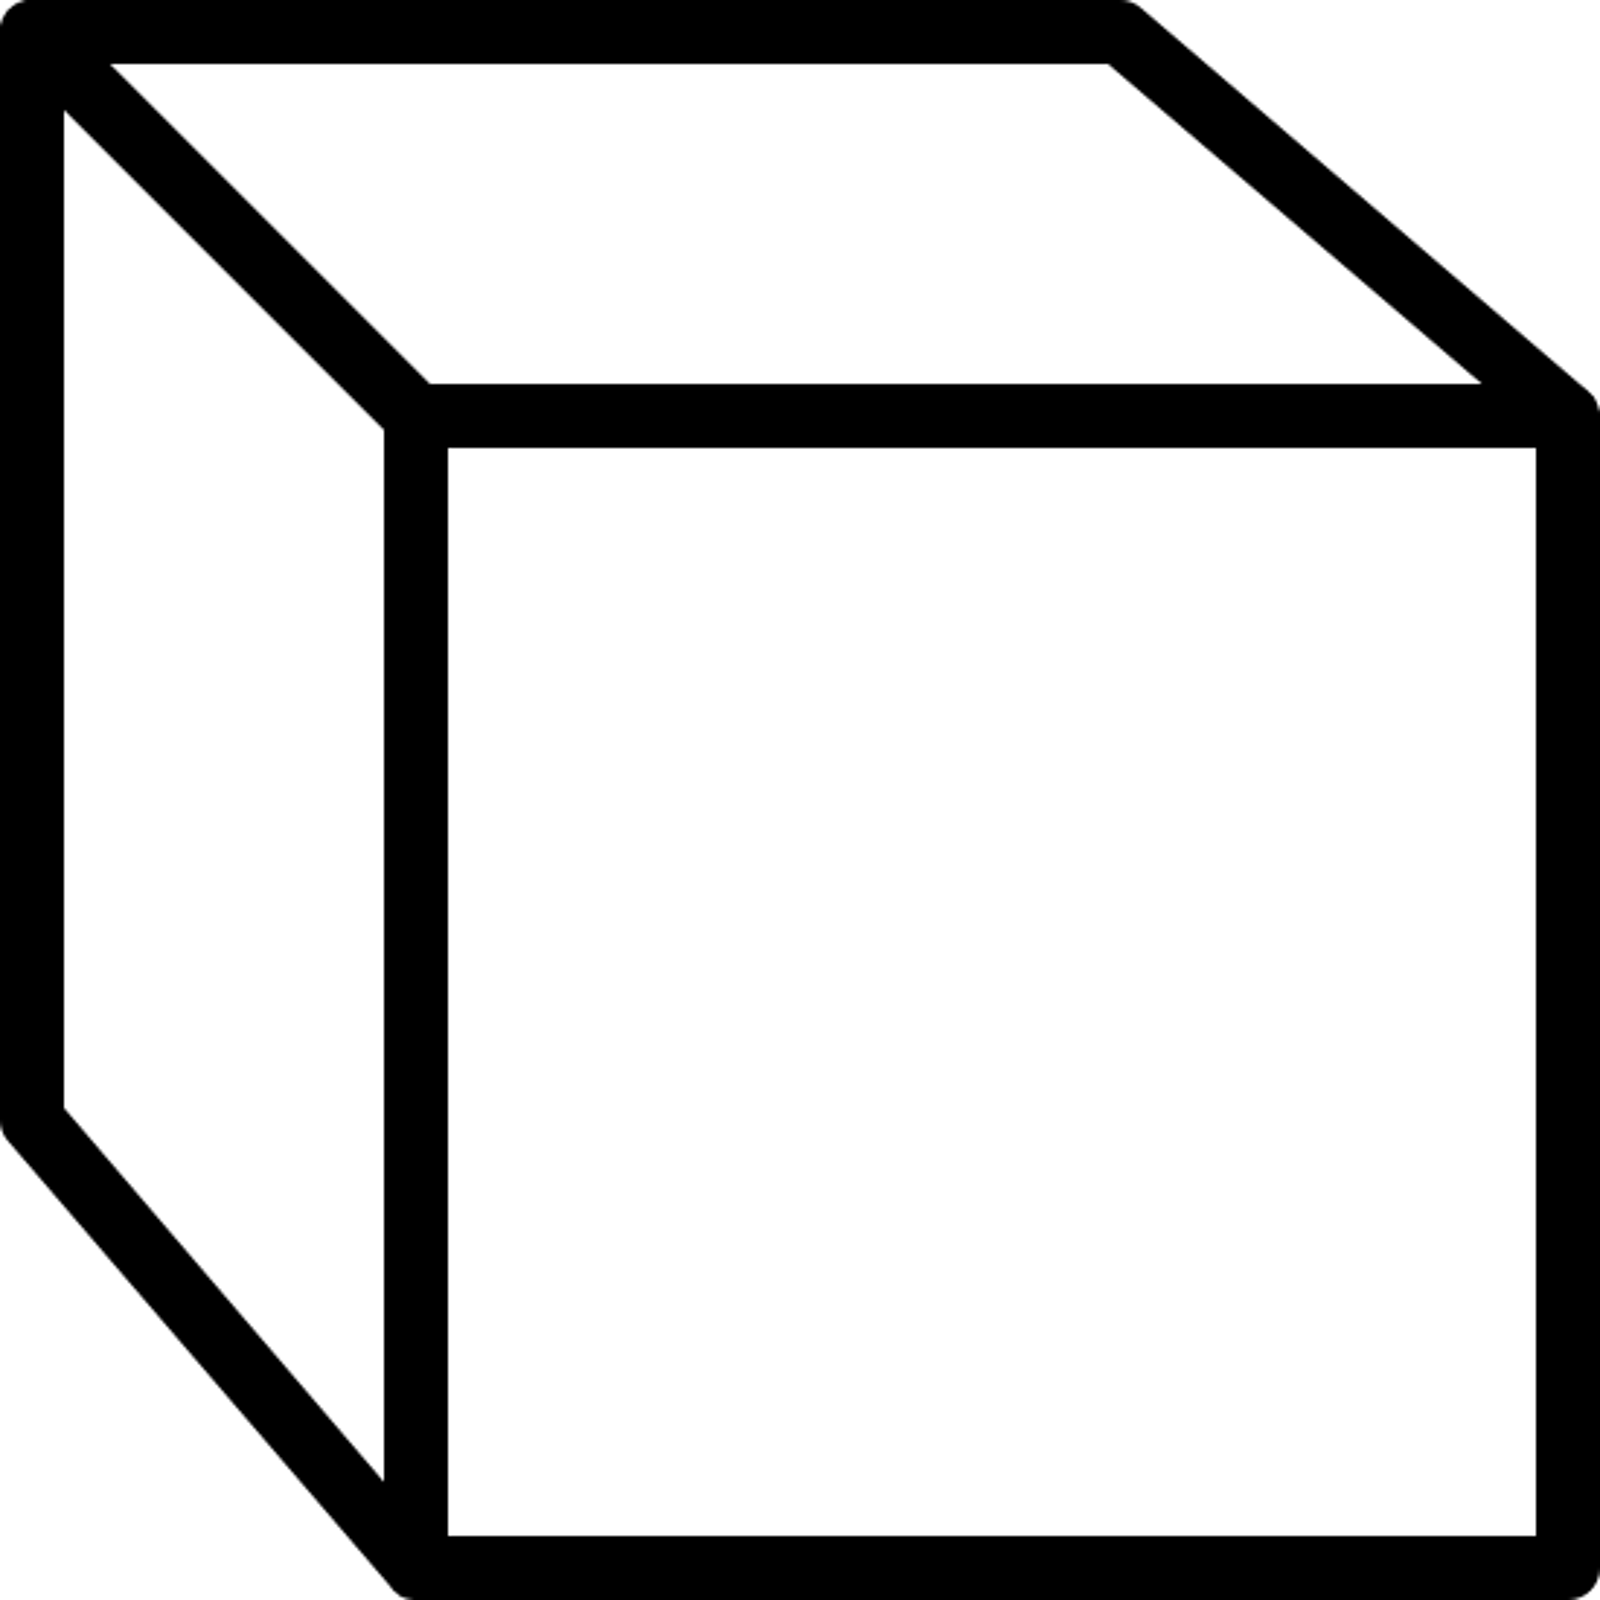 直交ビュー icon. The icon resemble a square that is three dimensional and forms a cube shape. The lines that turn the square into the cube shape are drawn going left of the square.